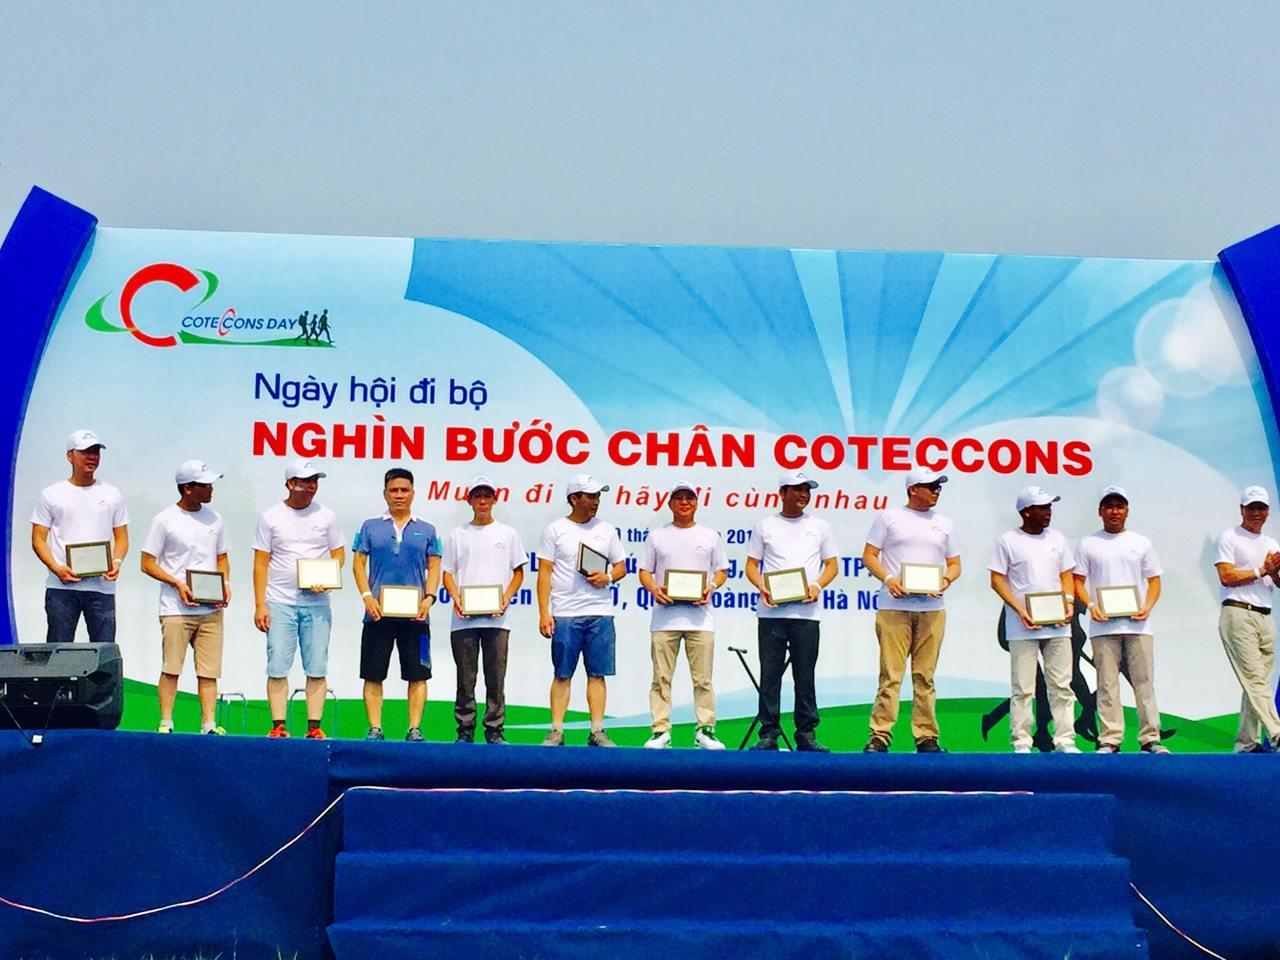 Tham dự Ngày hội đi bộ Coteccons 2017 - HNB đại diện cho khối nhà thầu Bơm bê tông